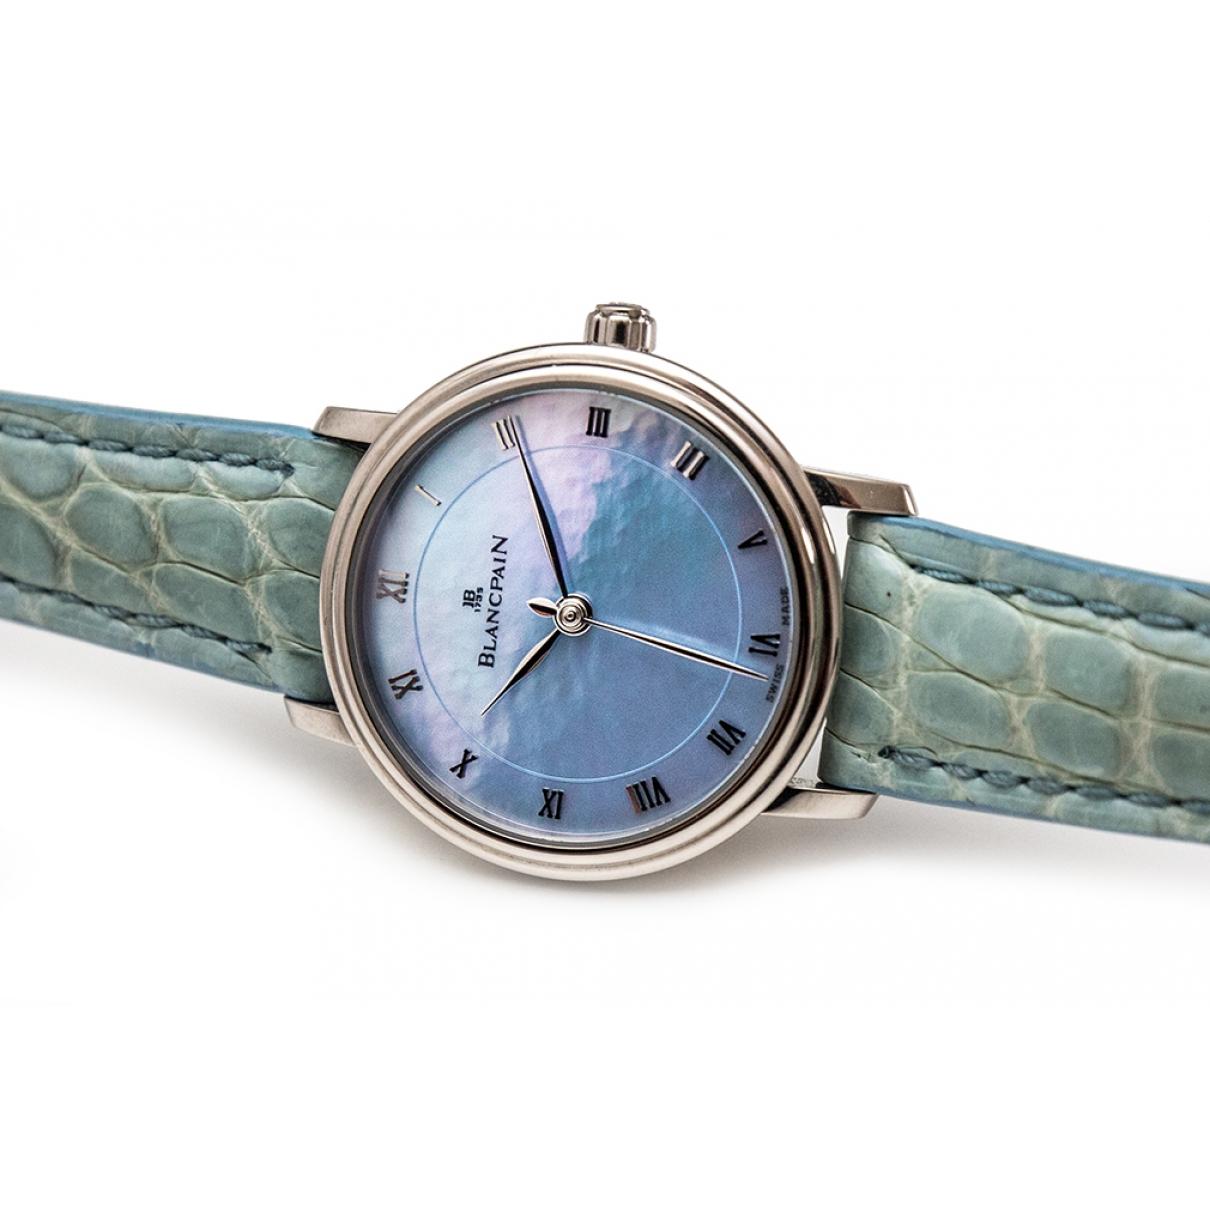 Blancpain Villeret Automatique Uhr in  Silber Weissgold